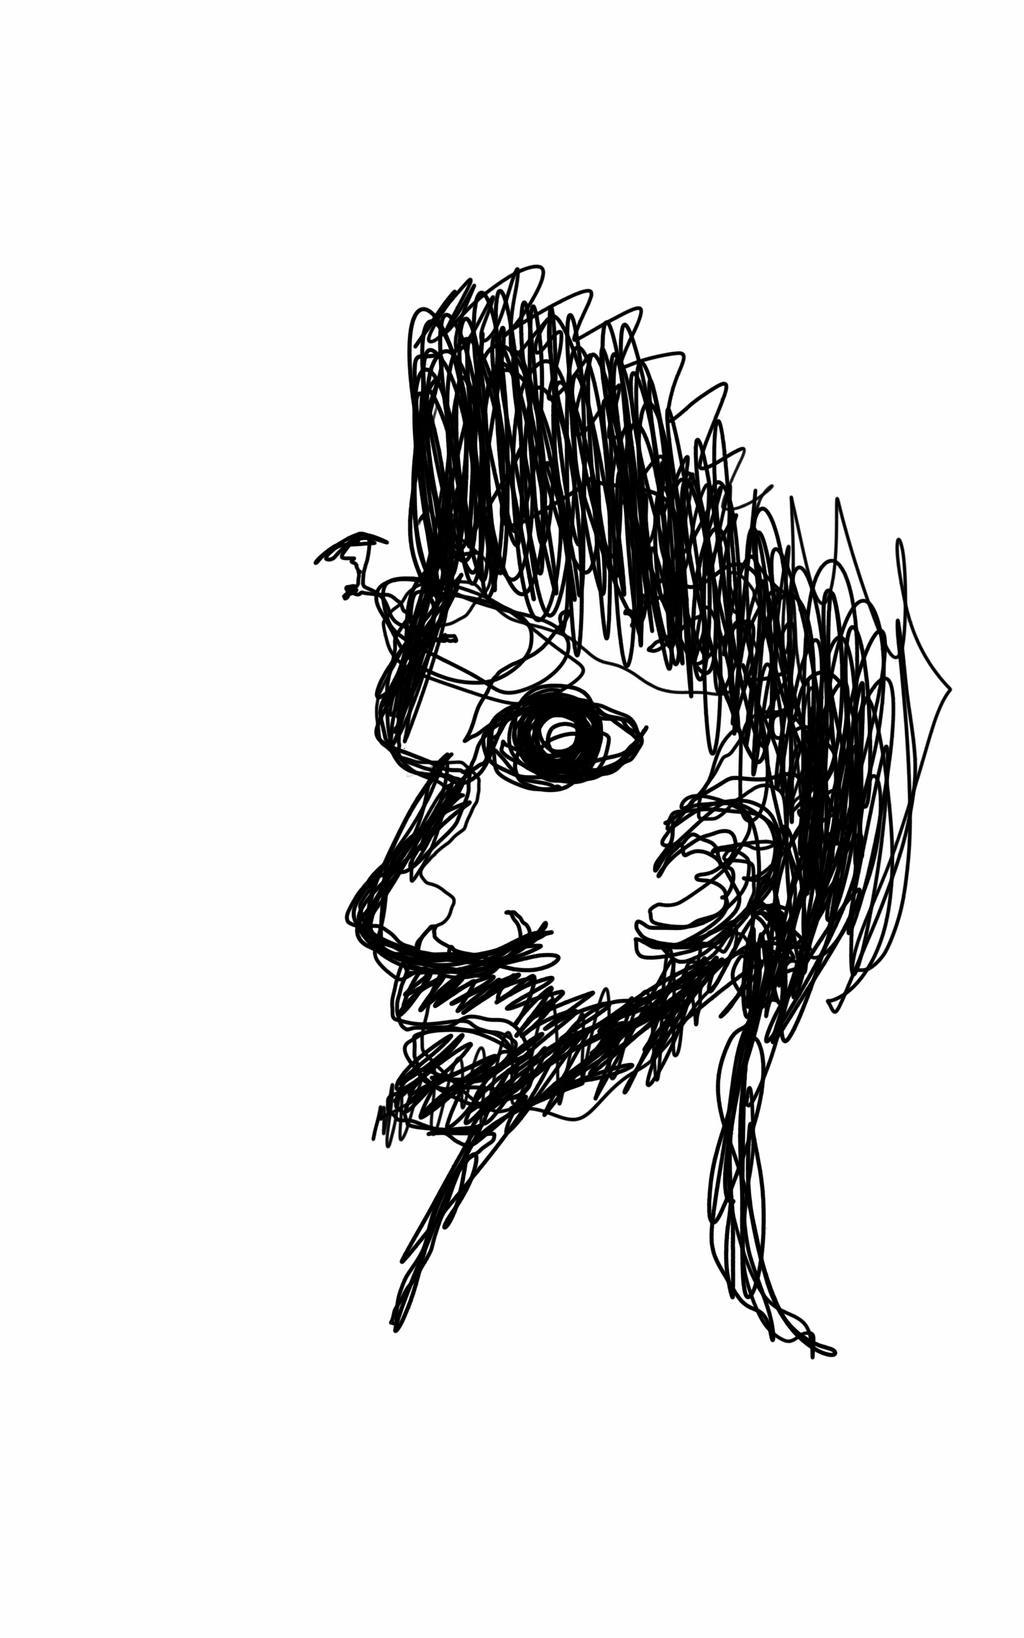 Blind Line Drawing Artists : Blind line by cardscubed on deviantart